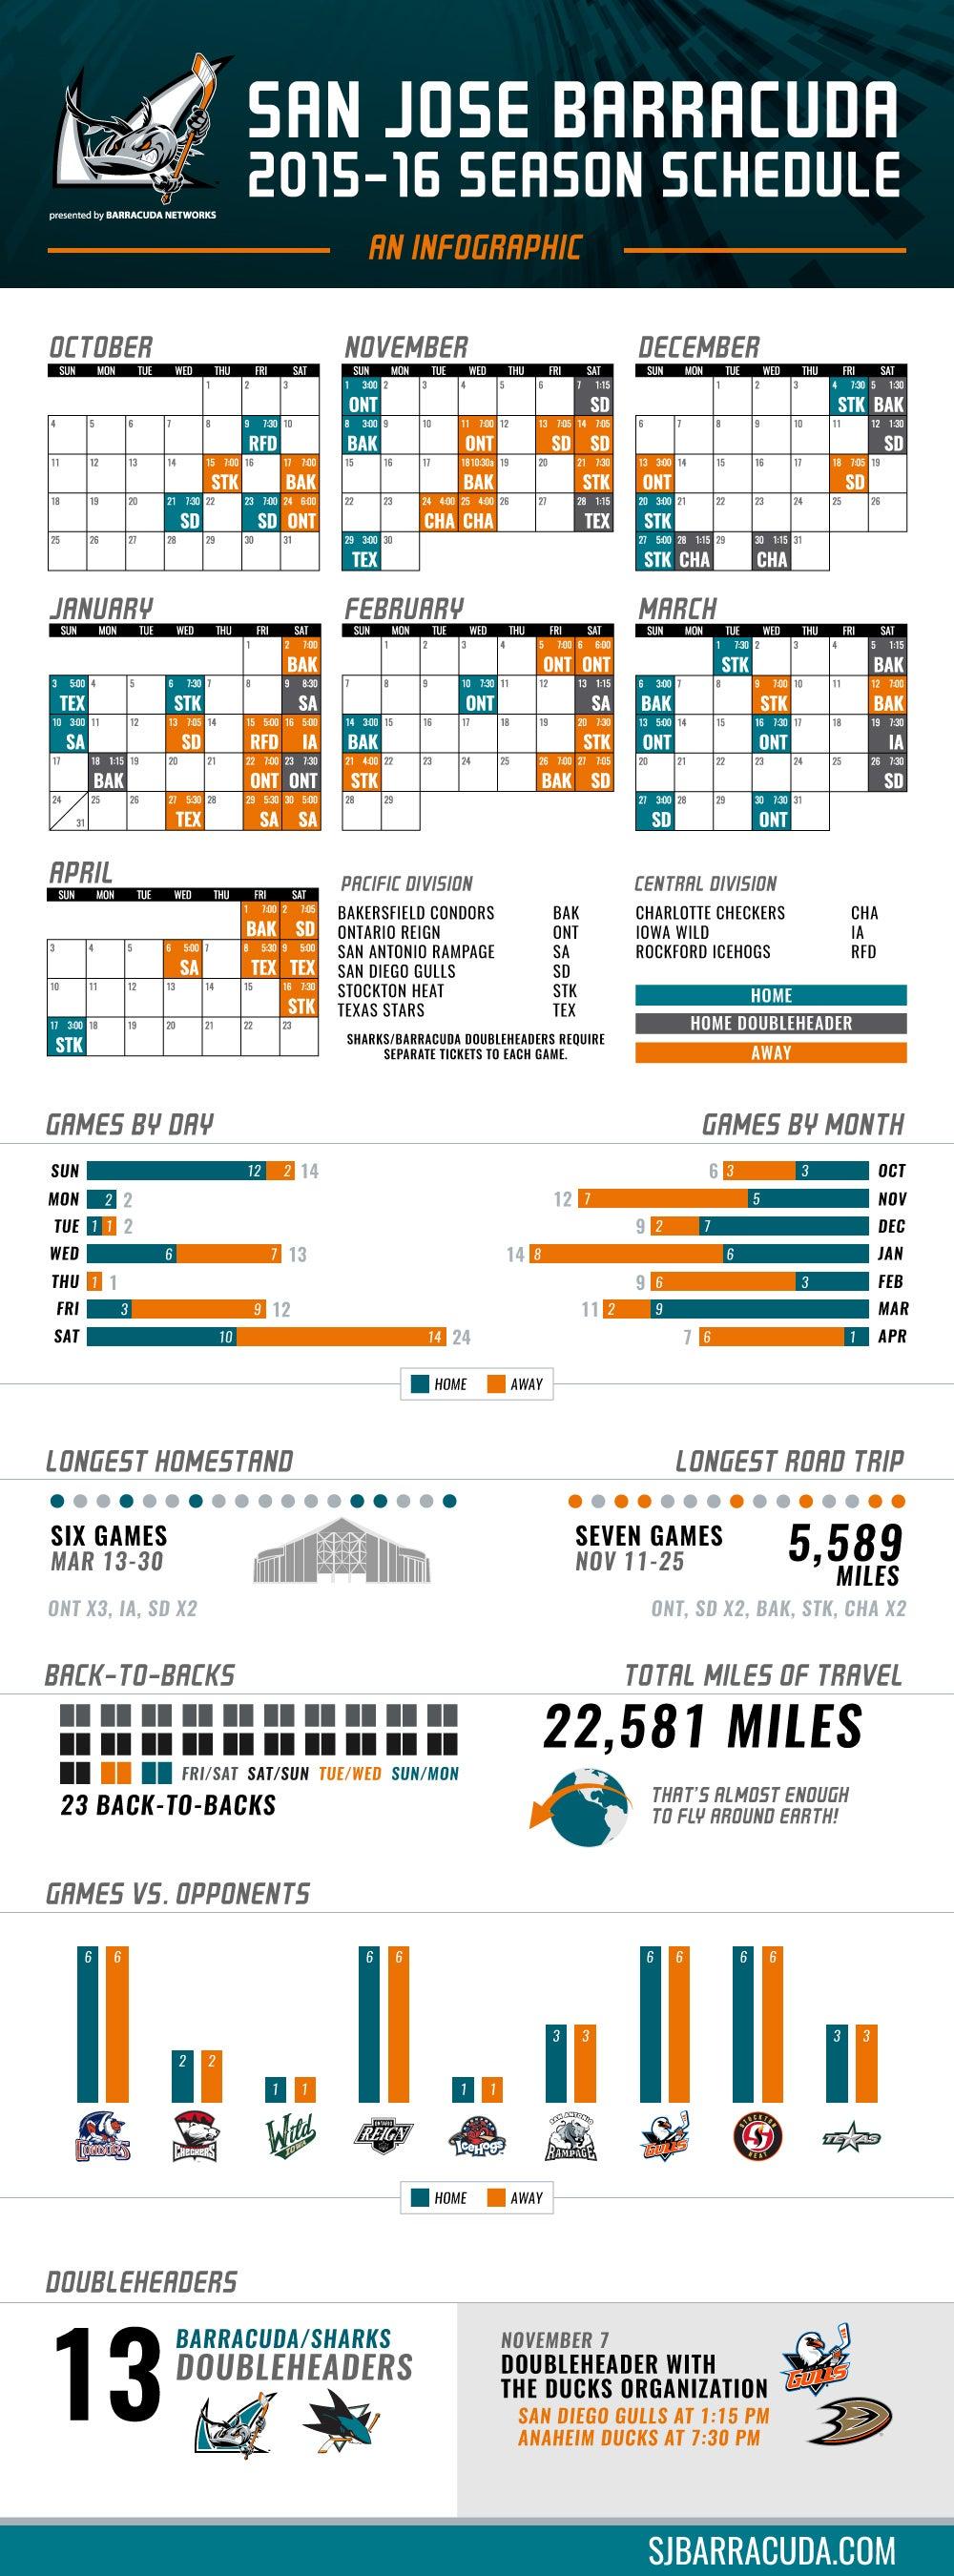 SJB_Infographic_Schedule.jpg